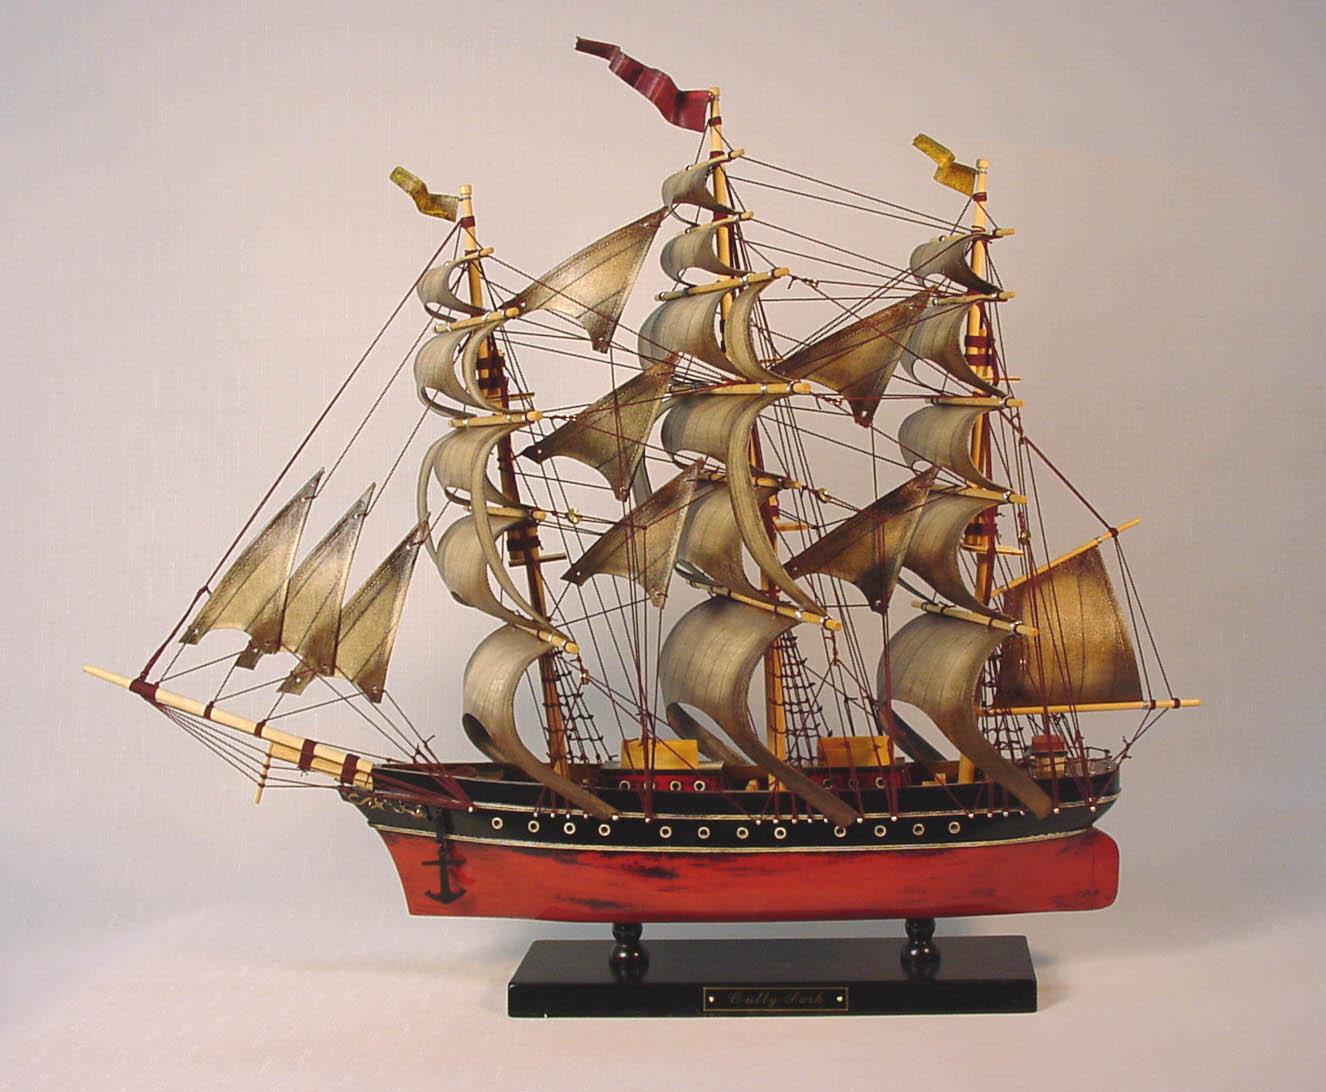 帆船模型 モデルシップ (完成品) No238 カティーサーク(アンティーク) 新築祝 開業祝 お祝い 門出【楽ギフ_のし】【楽ギフ_メッセ入力】